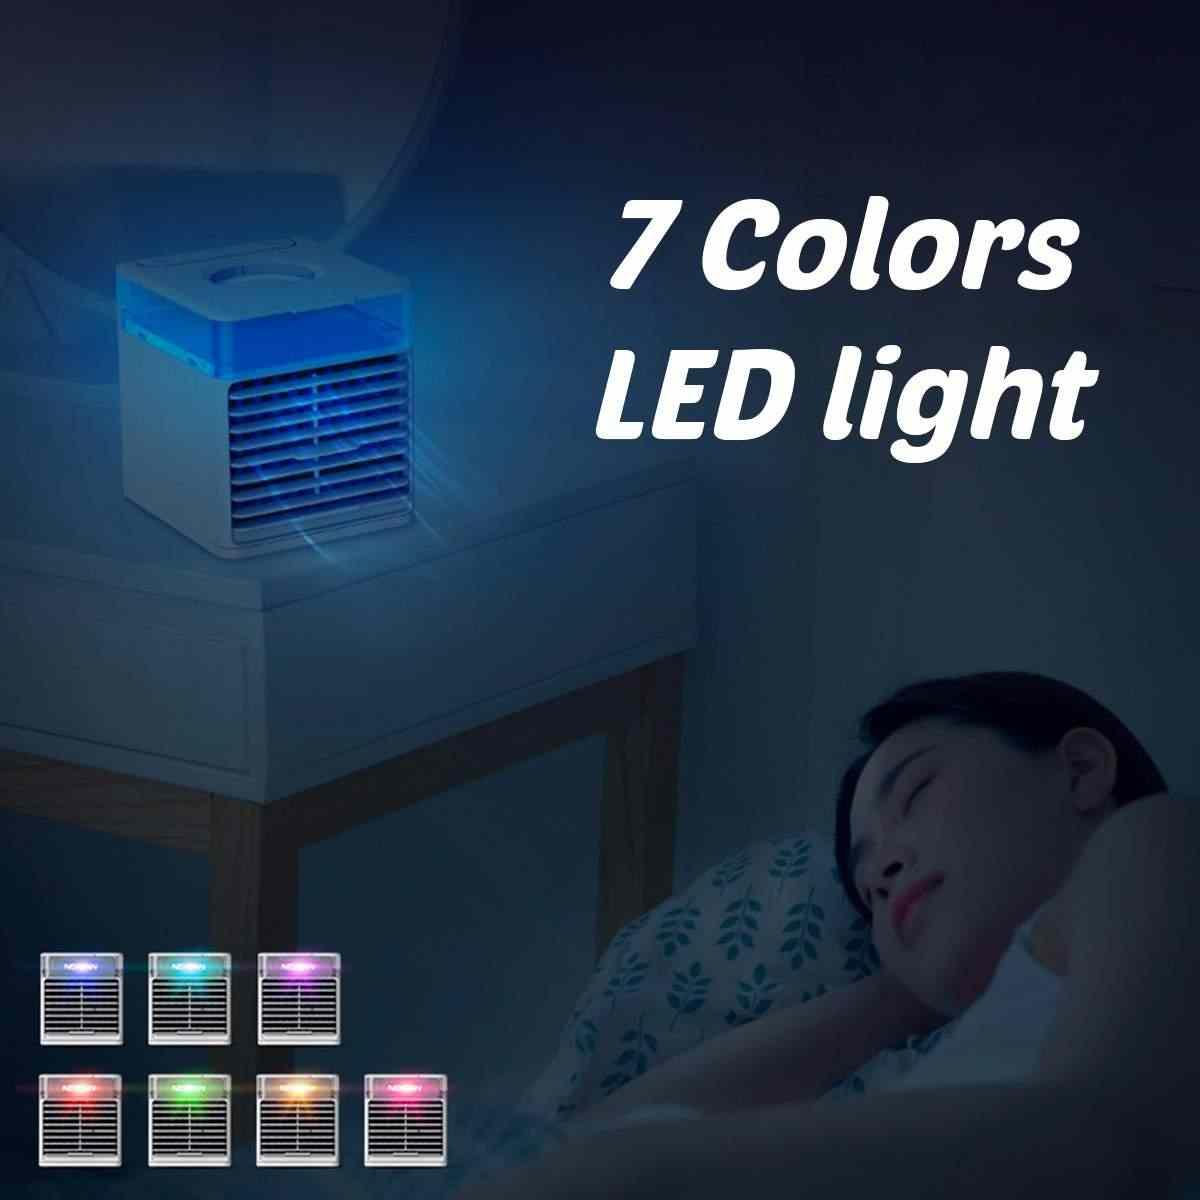 Домашний мини-кондиционер 500 мл портативный воздушный охладитель 7 цветов светодиодный USB персональный космический кулер вентилятор воздушного охлаждения перезаряжаемый вентилятор